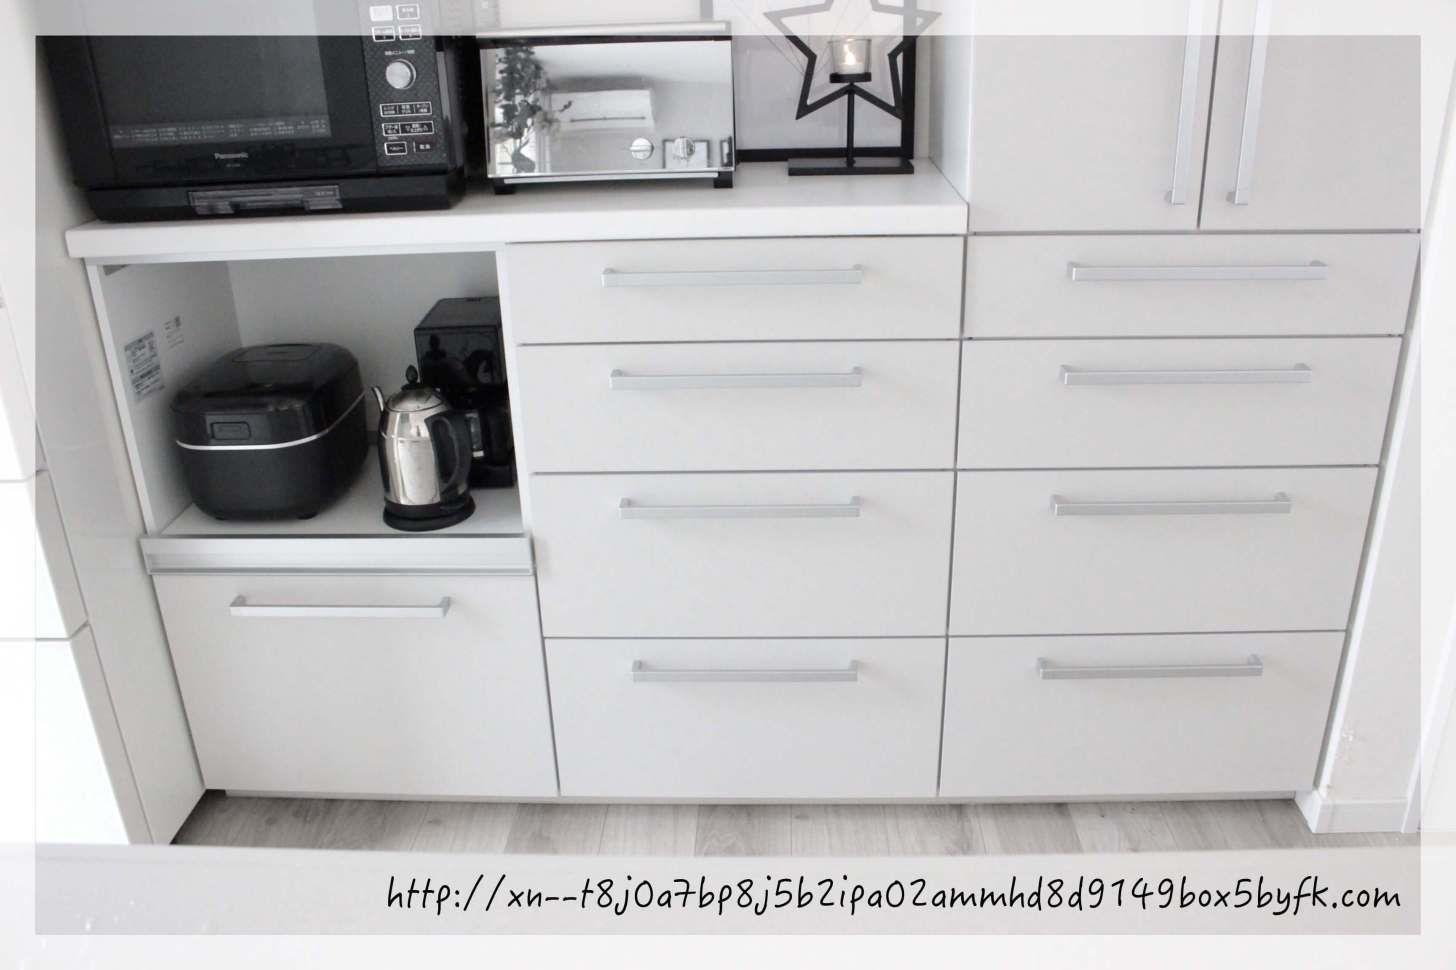 Totoキッチン背面の収納力 カップボードの中身を全部公開 Toto キッチン カップボード 背面収納